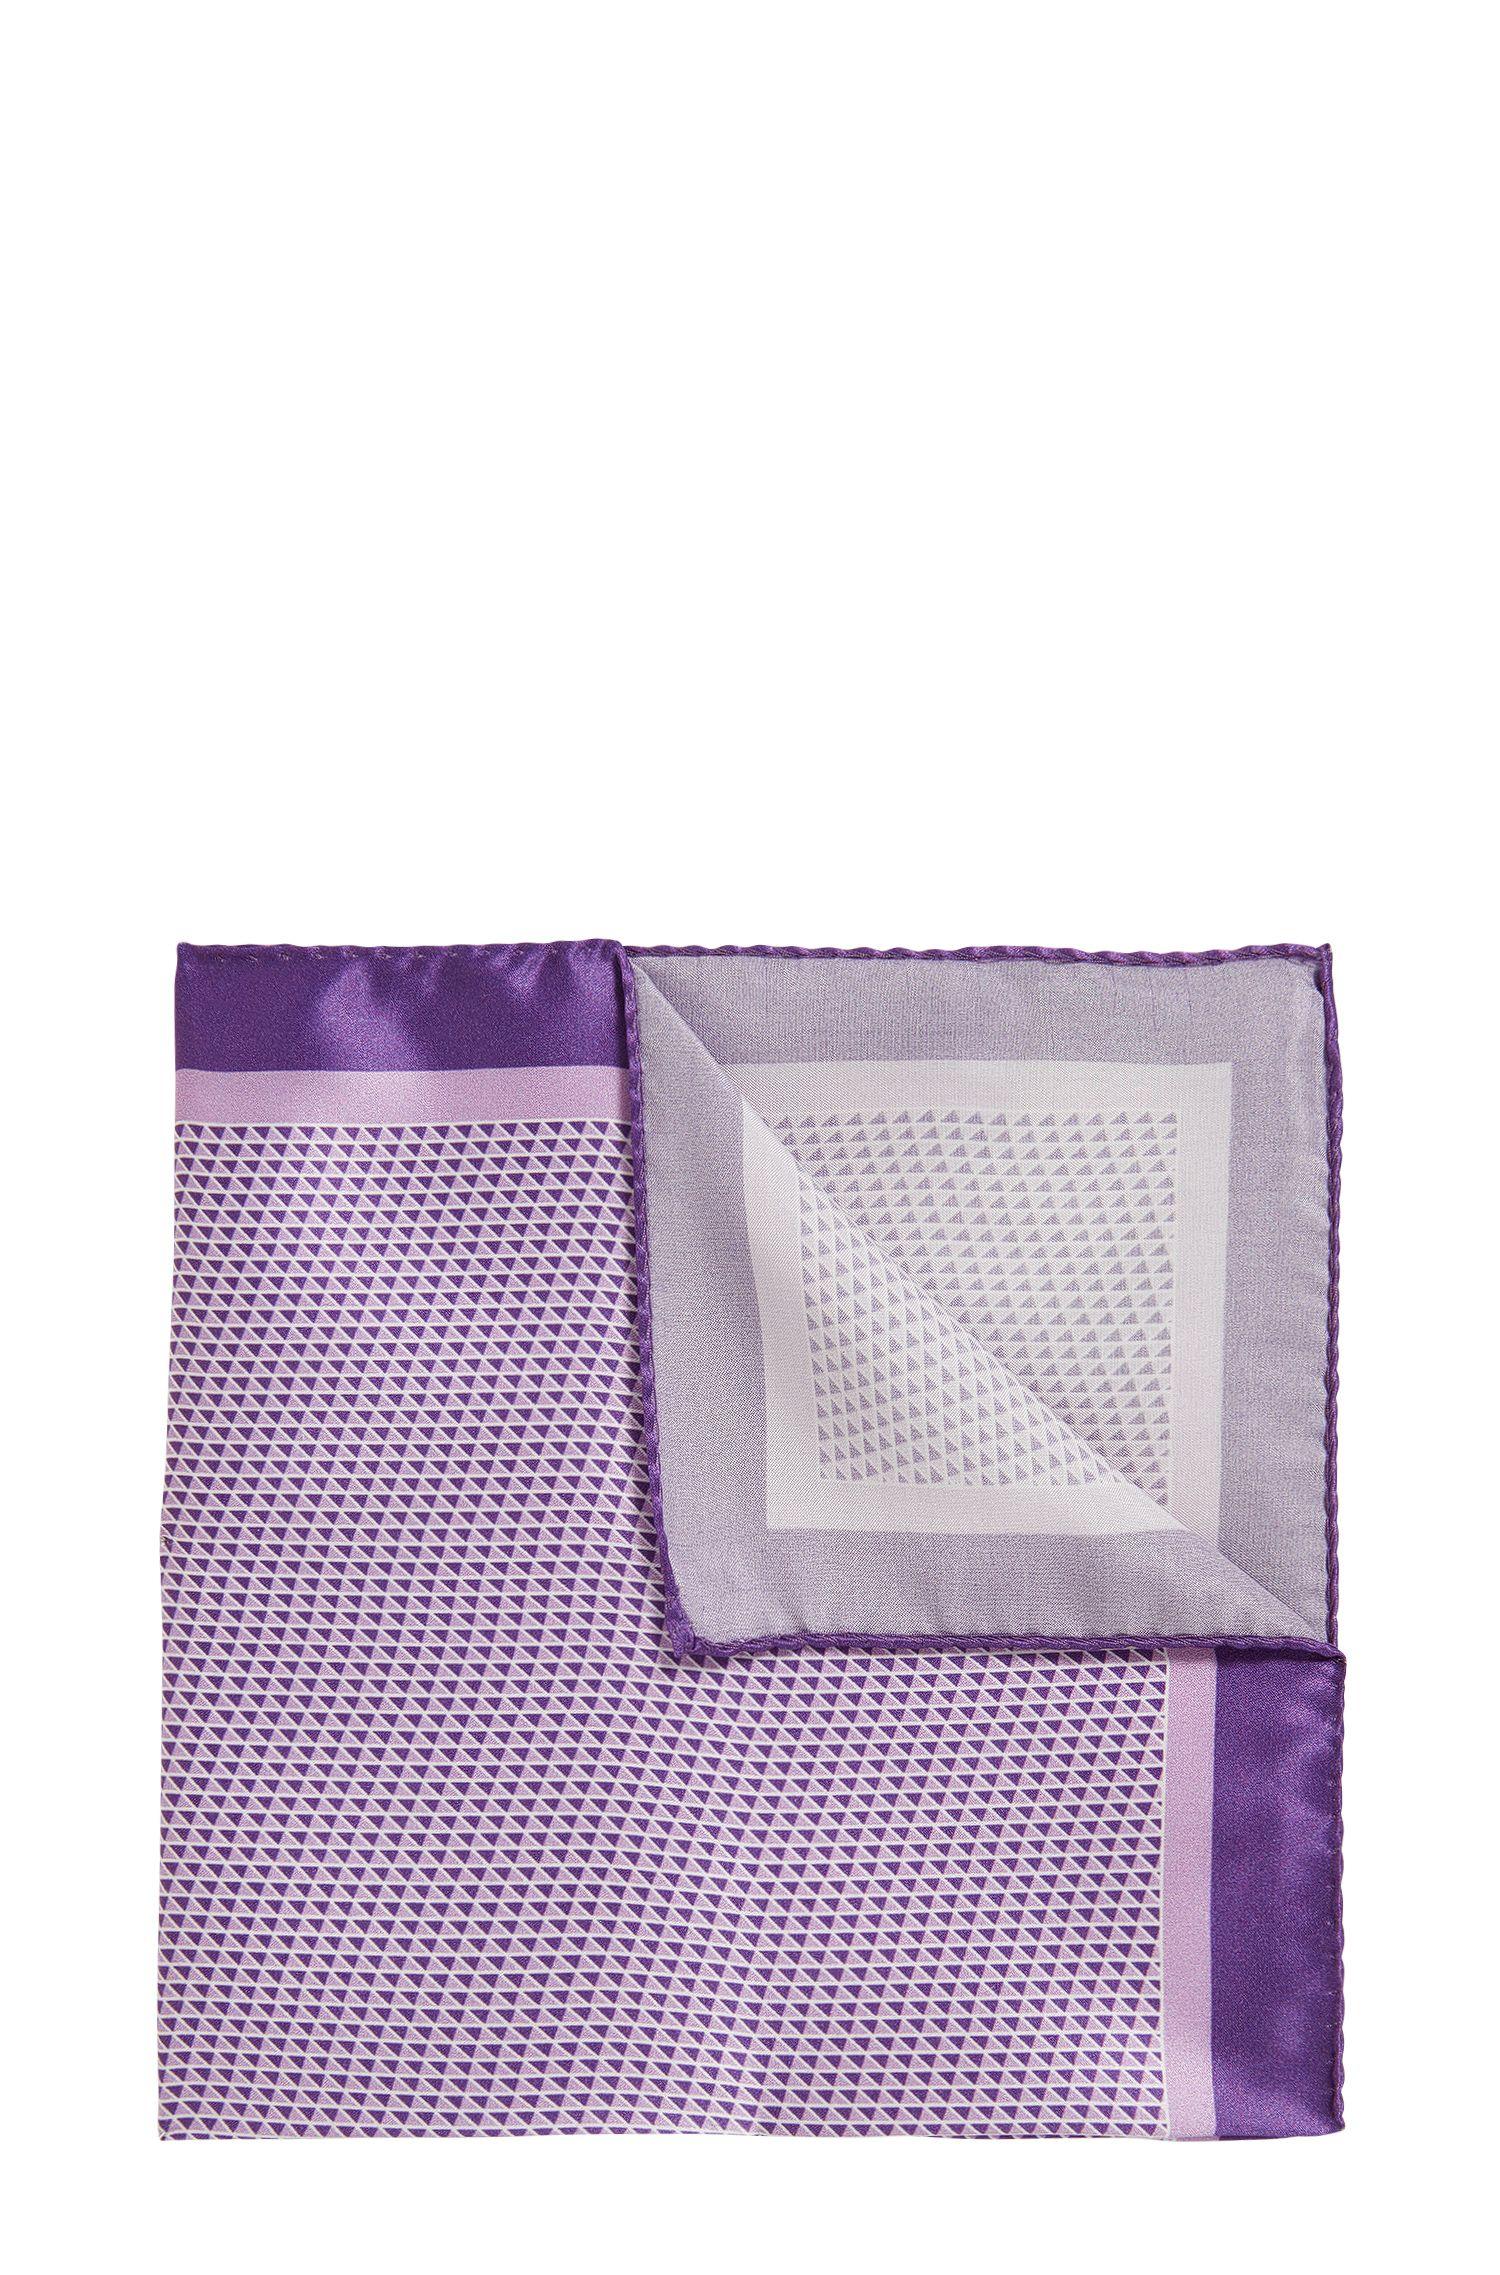 Pochette en pure soie à imprimé géométrique confectionnée en Italie